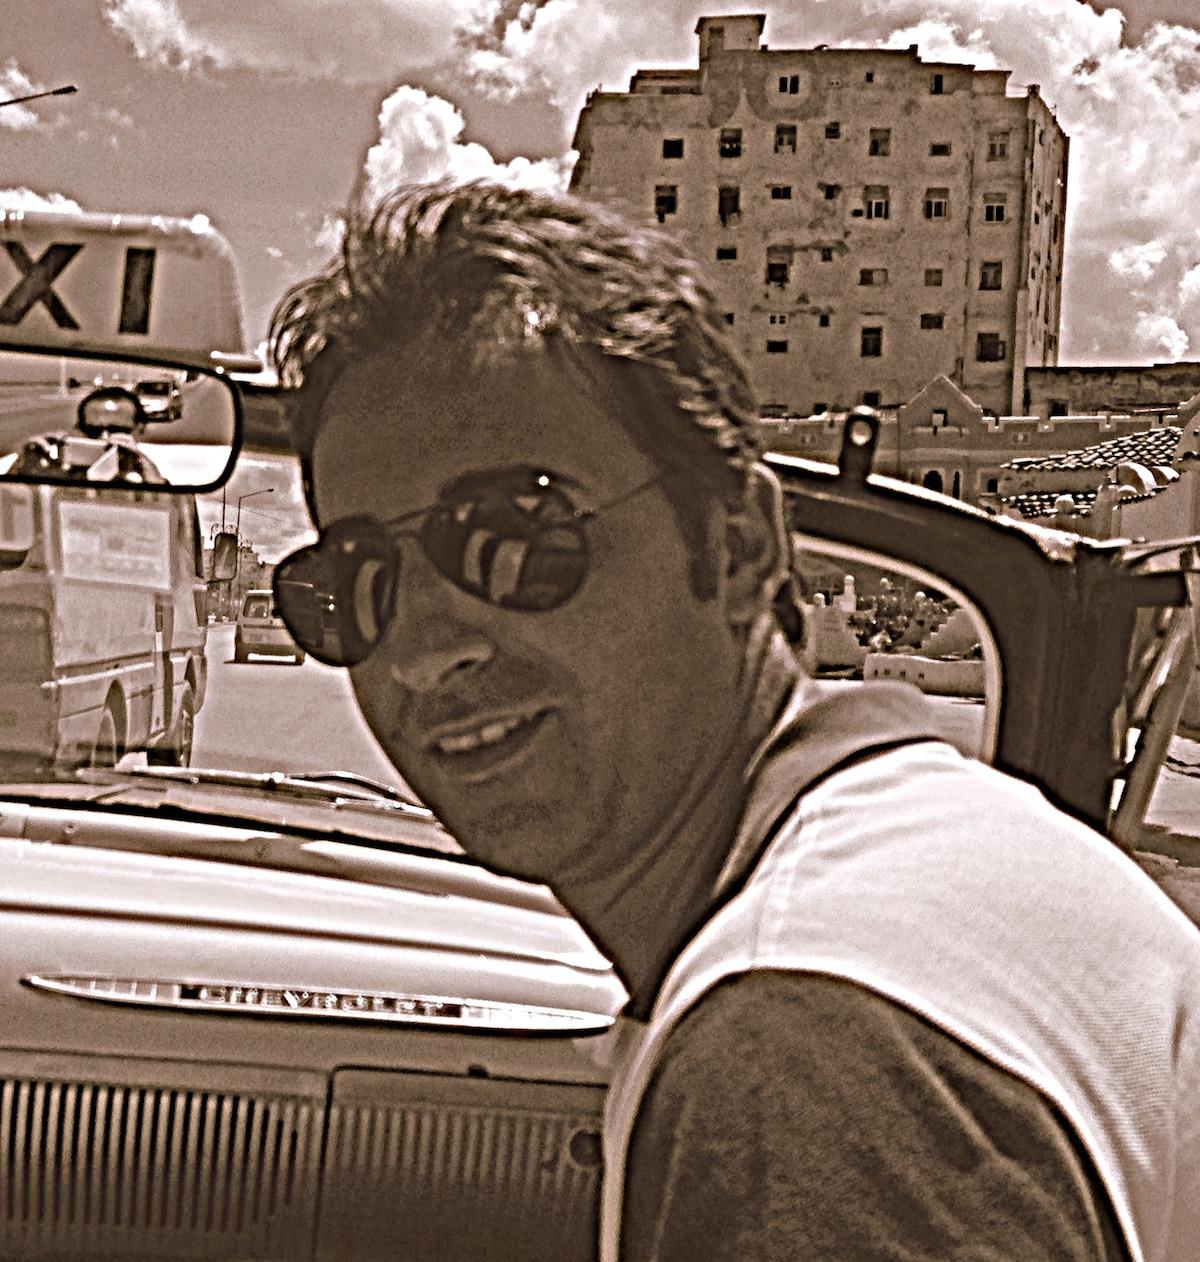 Valerio from Ceglie Messapica